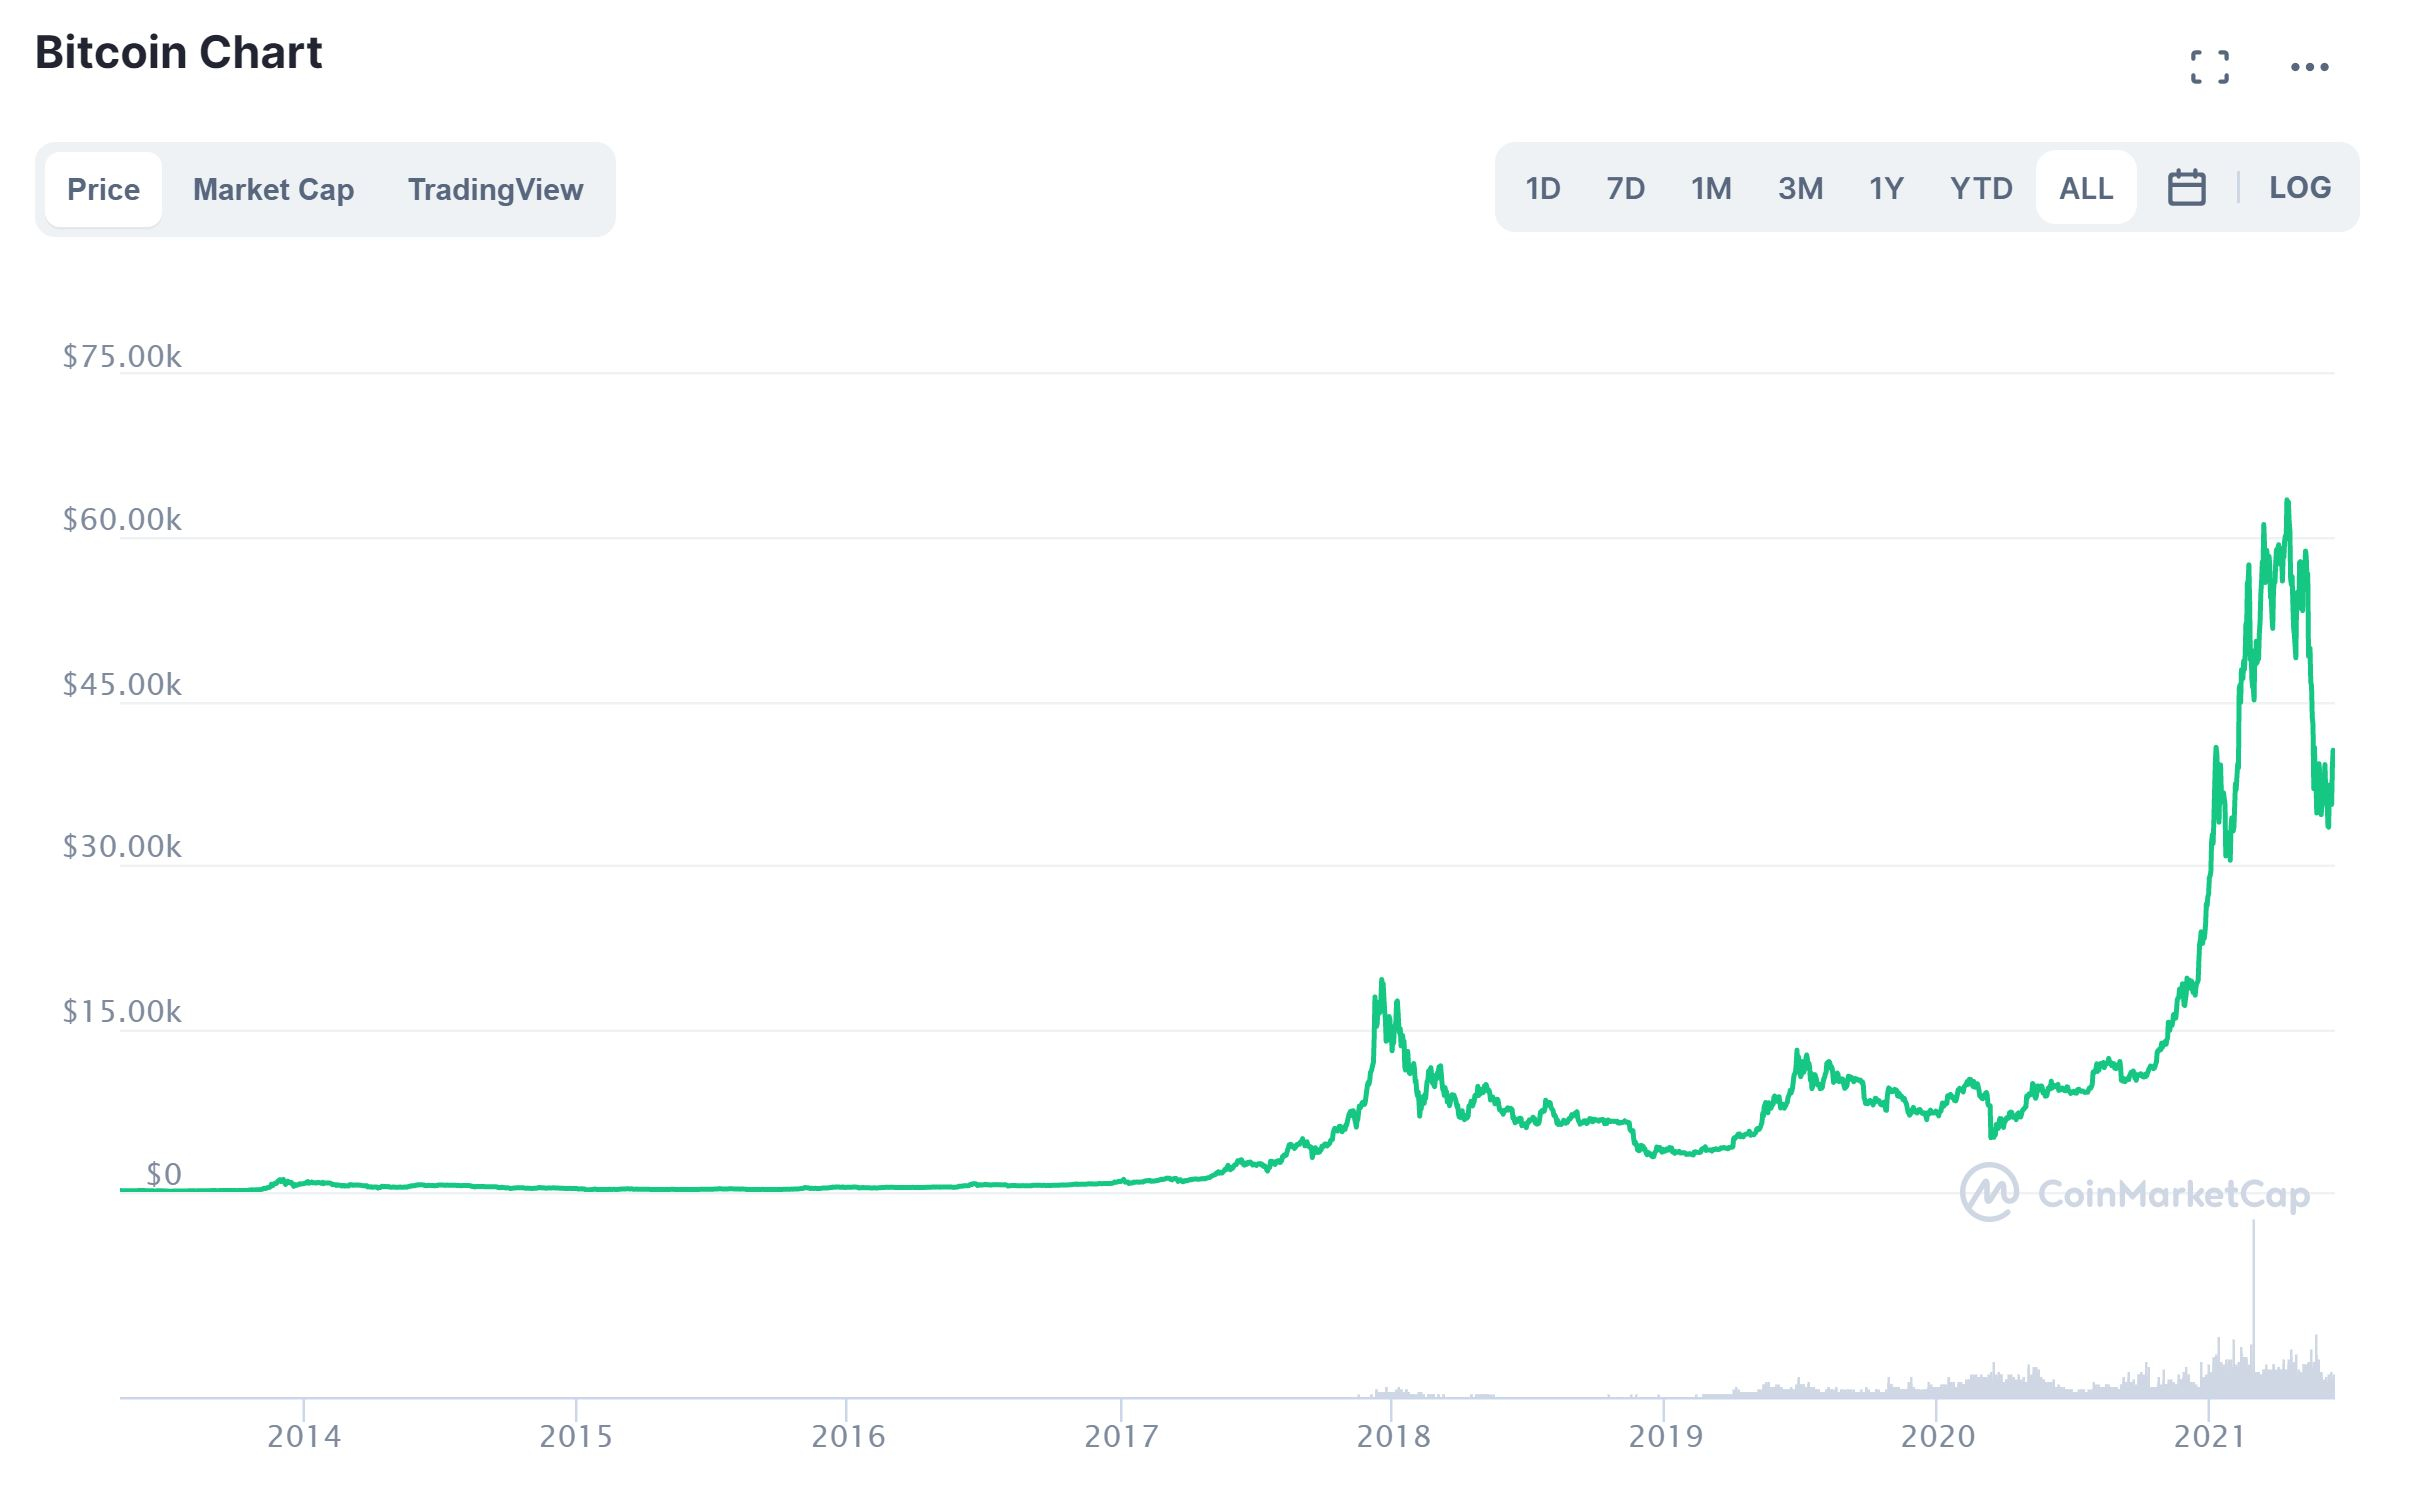 Gráfico de precios de Bitcoin CoinMarketCap junio de 2021